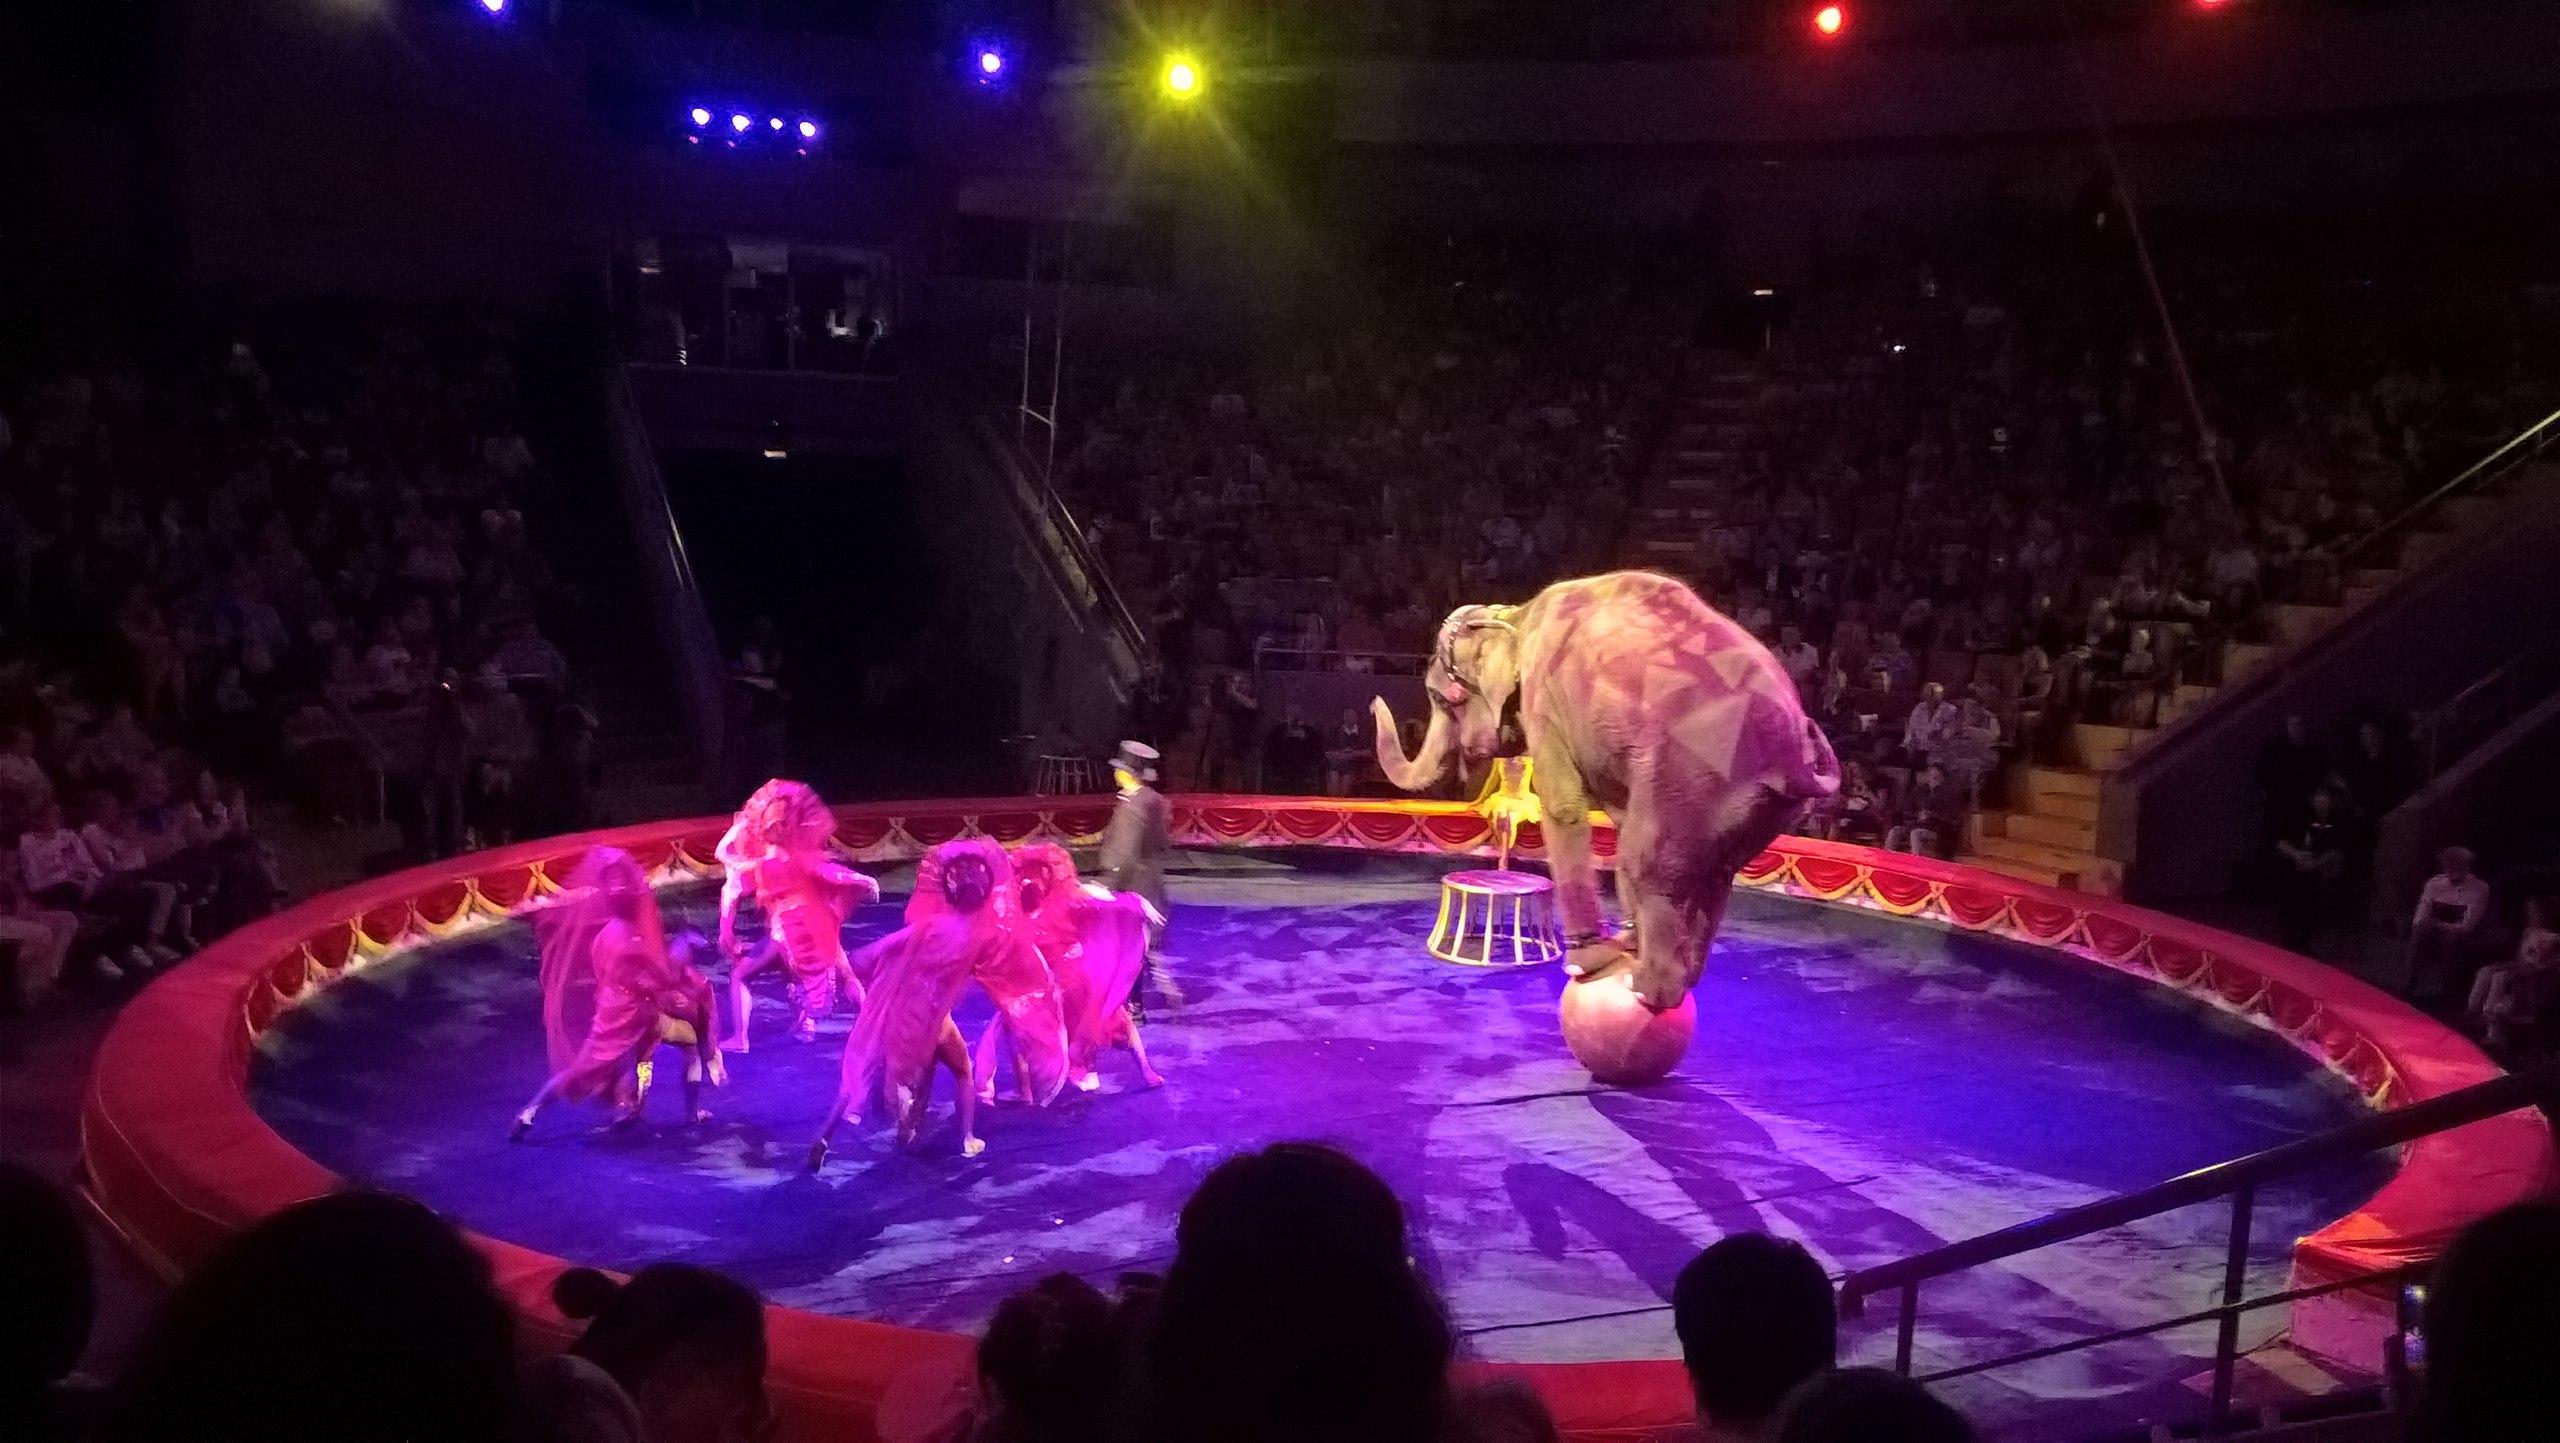 Нижегородский цирк вновь распахнул свои двери для солнечных ребят и их семей